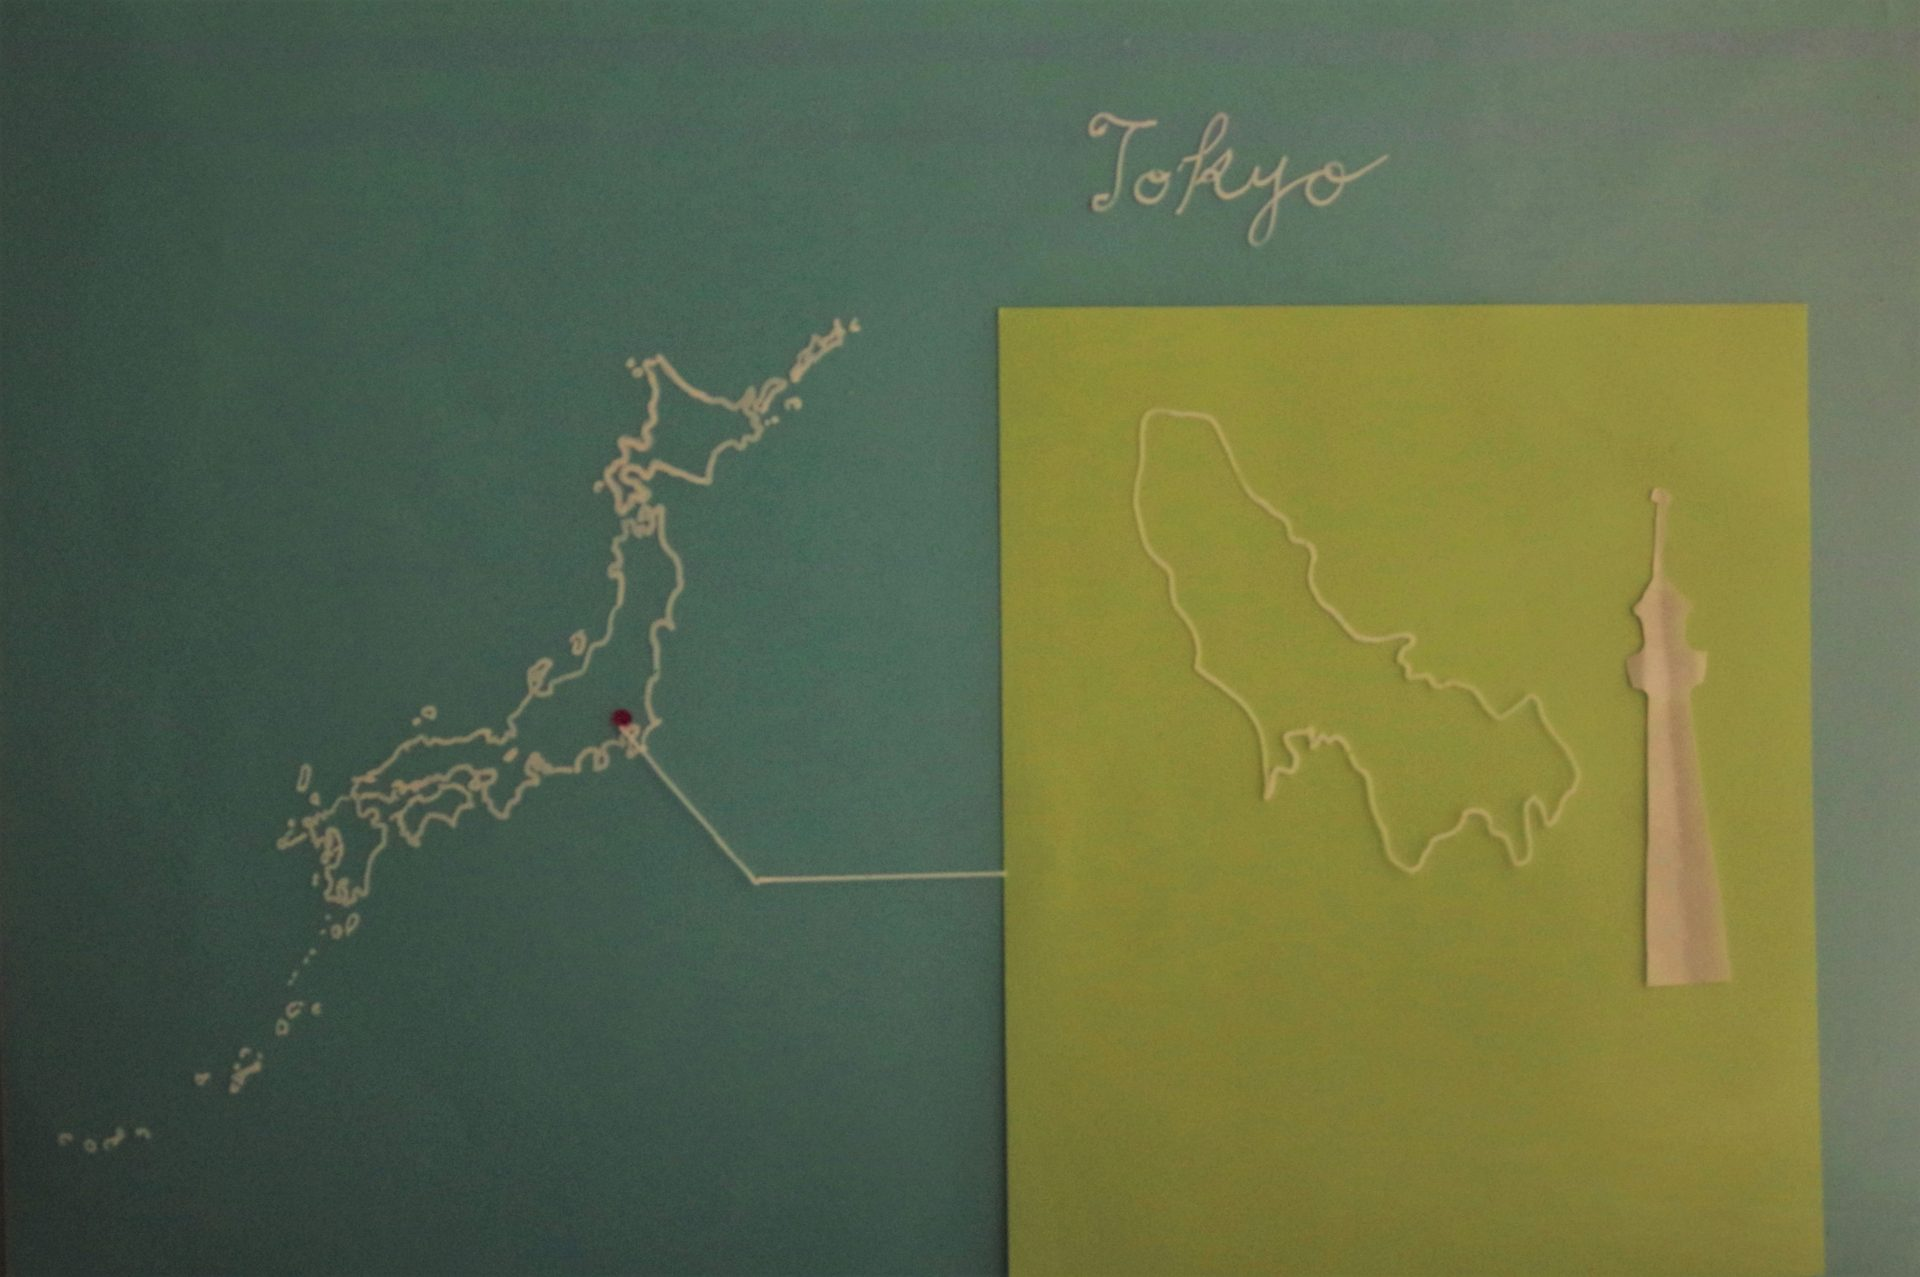 東京都で風俗営業許可を行う際に抑えるポイント